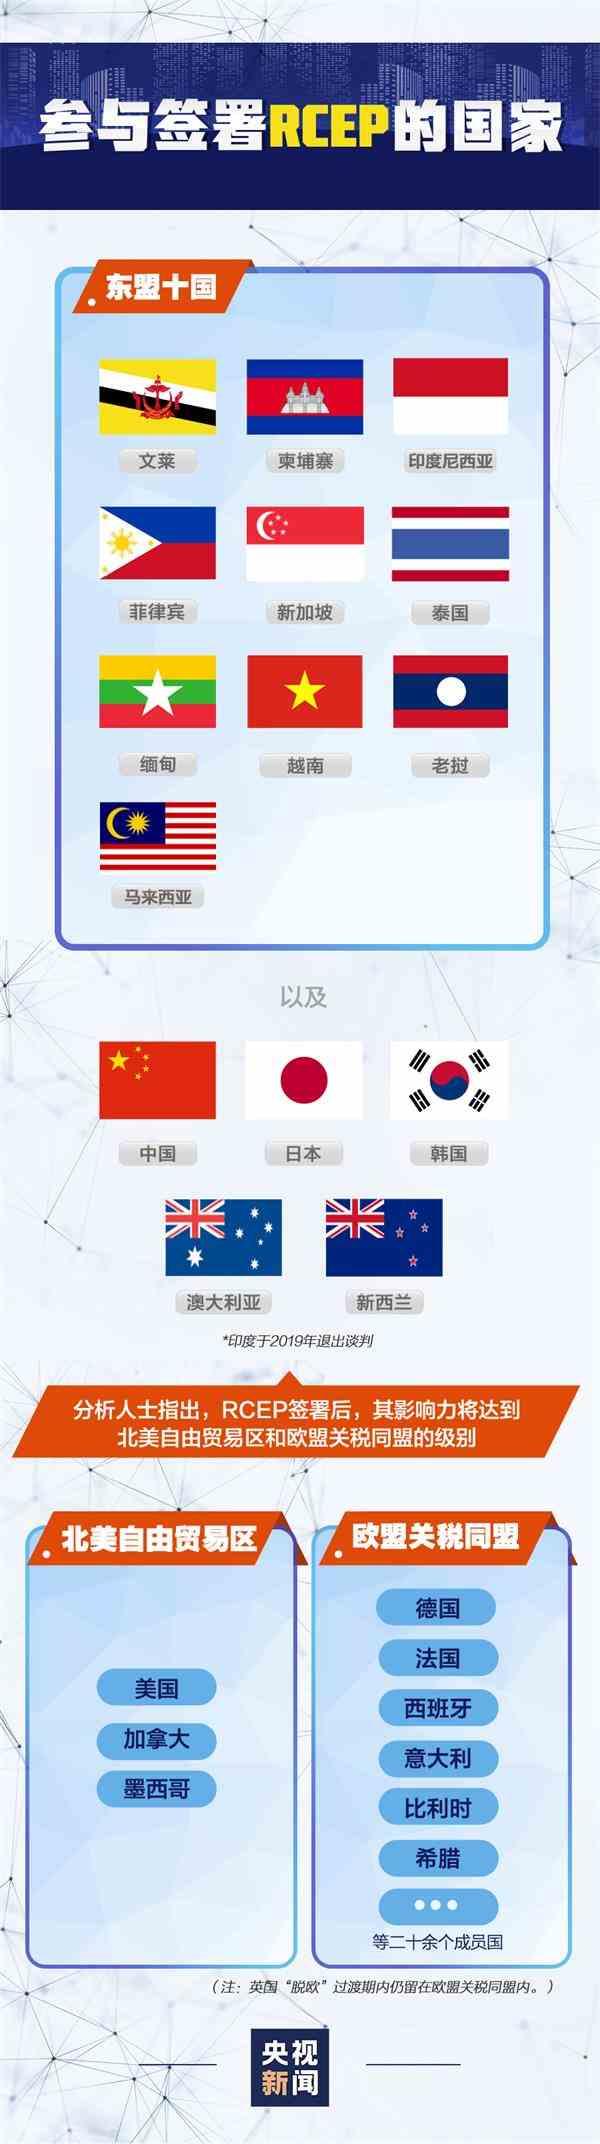 超90%商品将零关税!中国加入全球最大自贸区 对A股和商品市场有何影响?